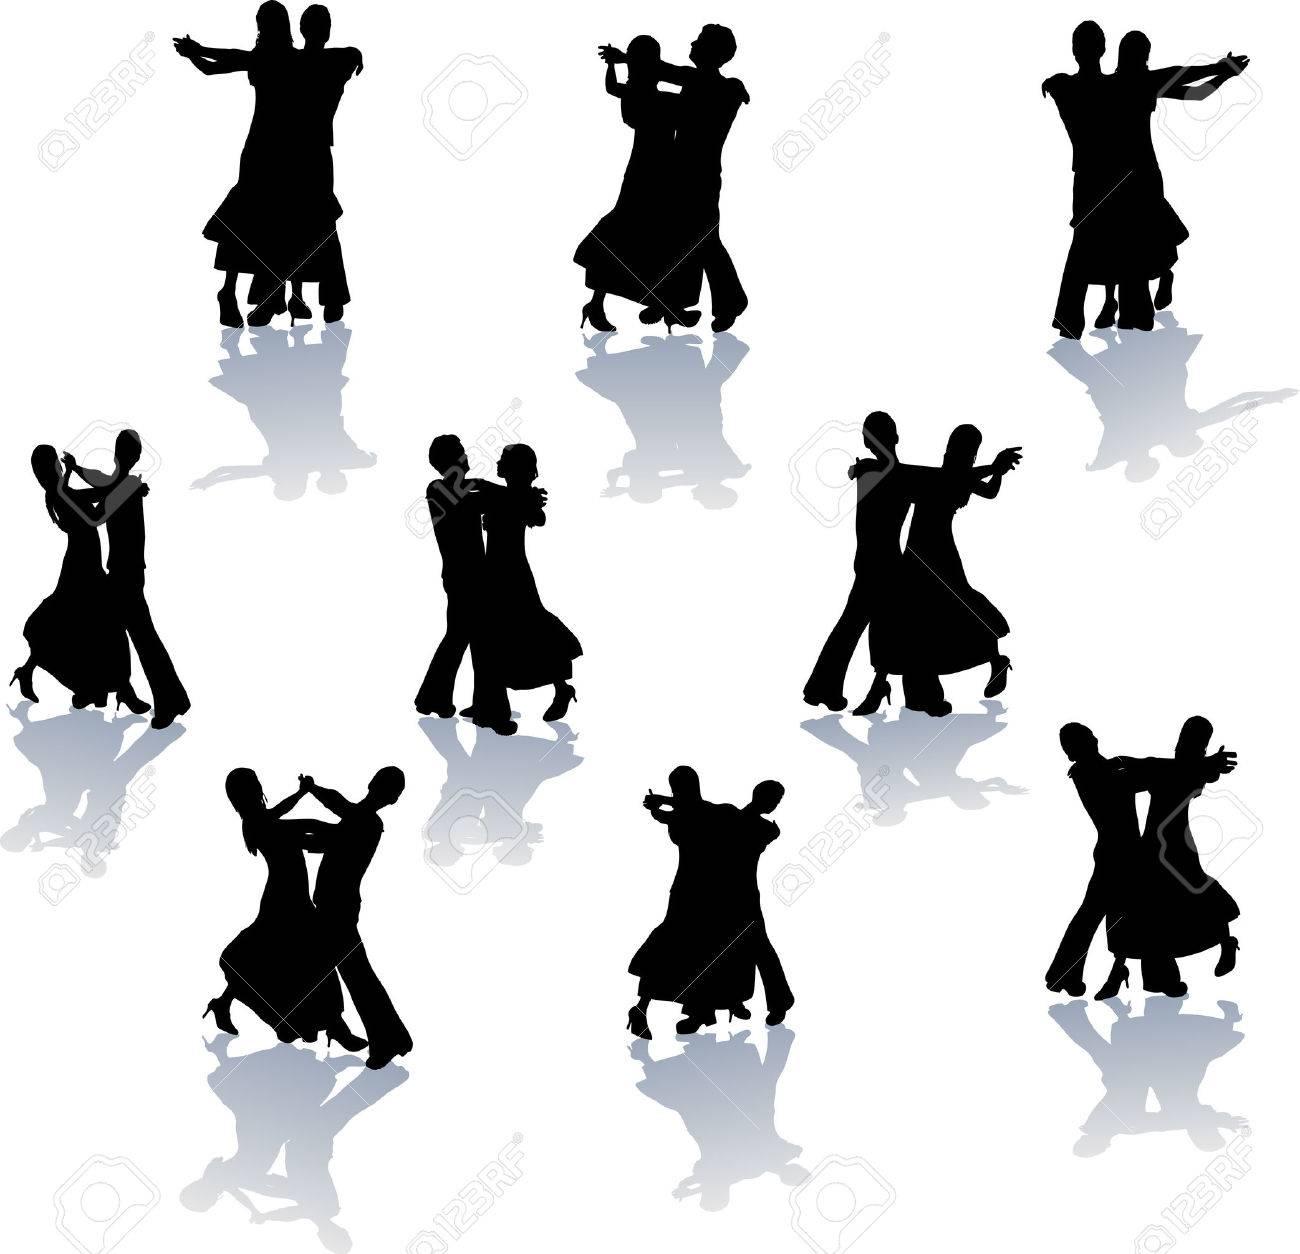 社交ダンス シルエットのイラスト素材ベクタ Image 5094890